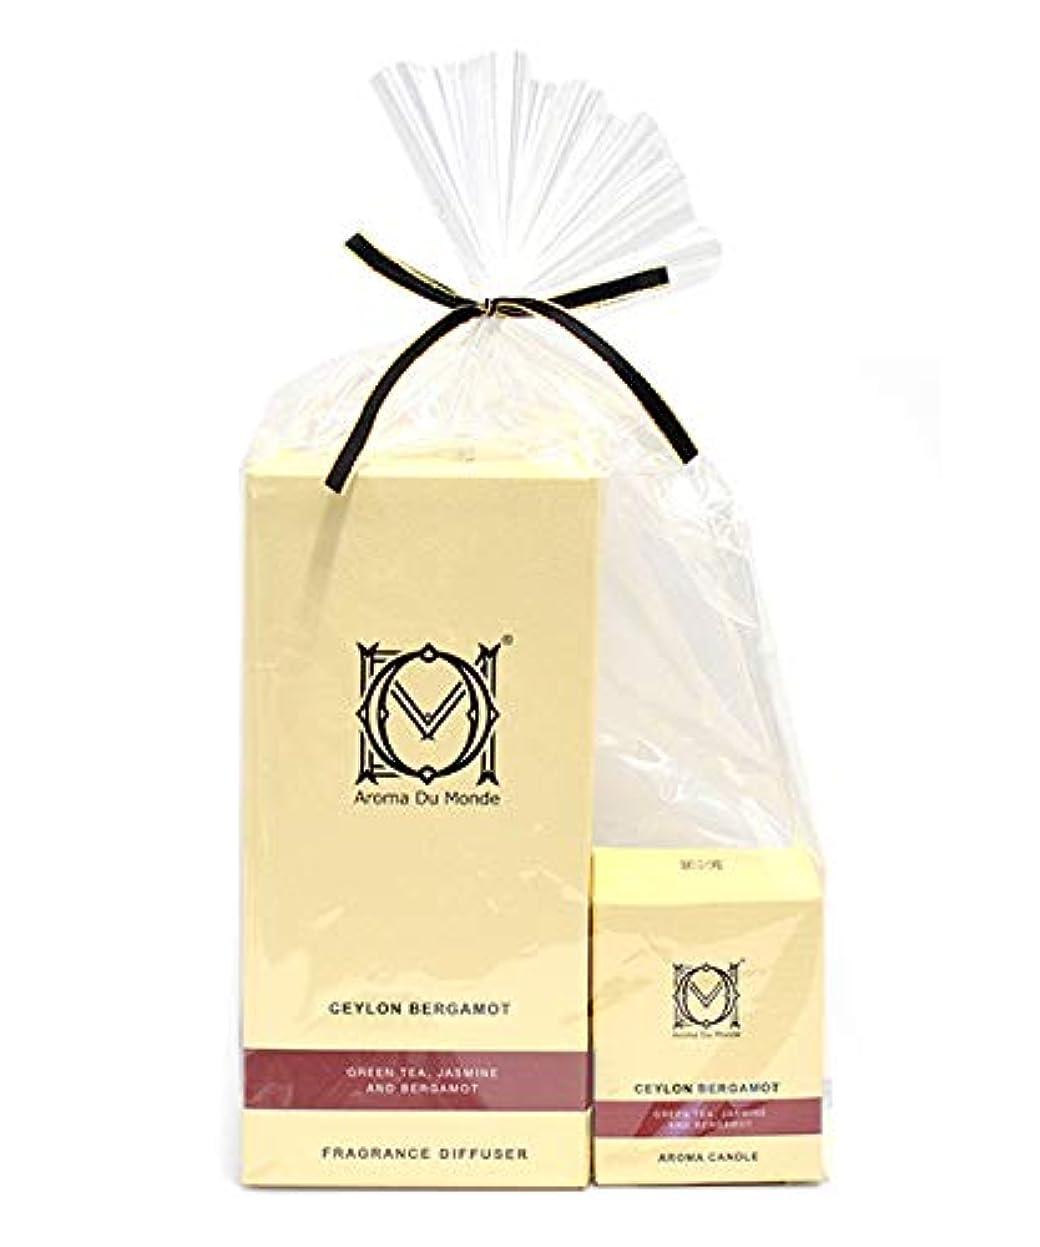 収入適切なスーパーフレグランスディフューザー&キャンドル セイロンベルガモット セット Aroma Du Monde/ADM Fragrance Diffuser & Candle Ceylon Bergamot Set 81156